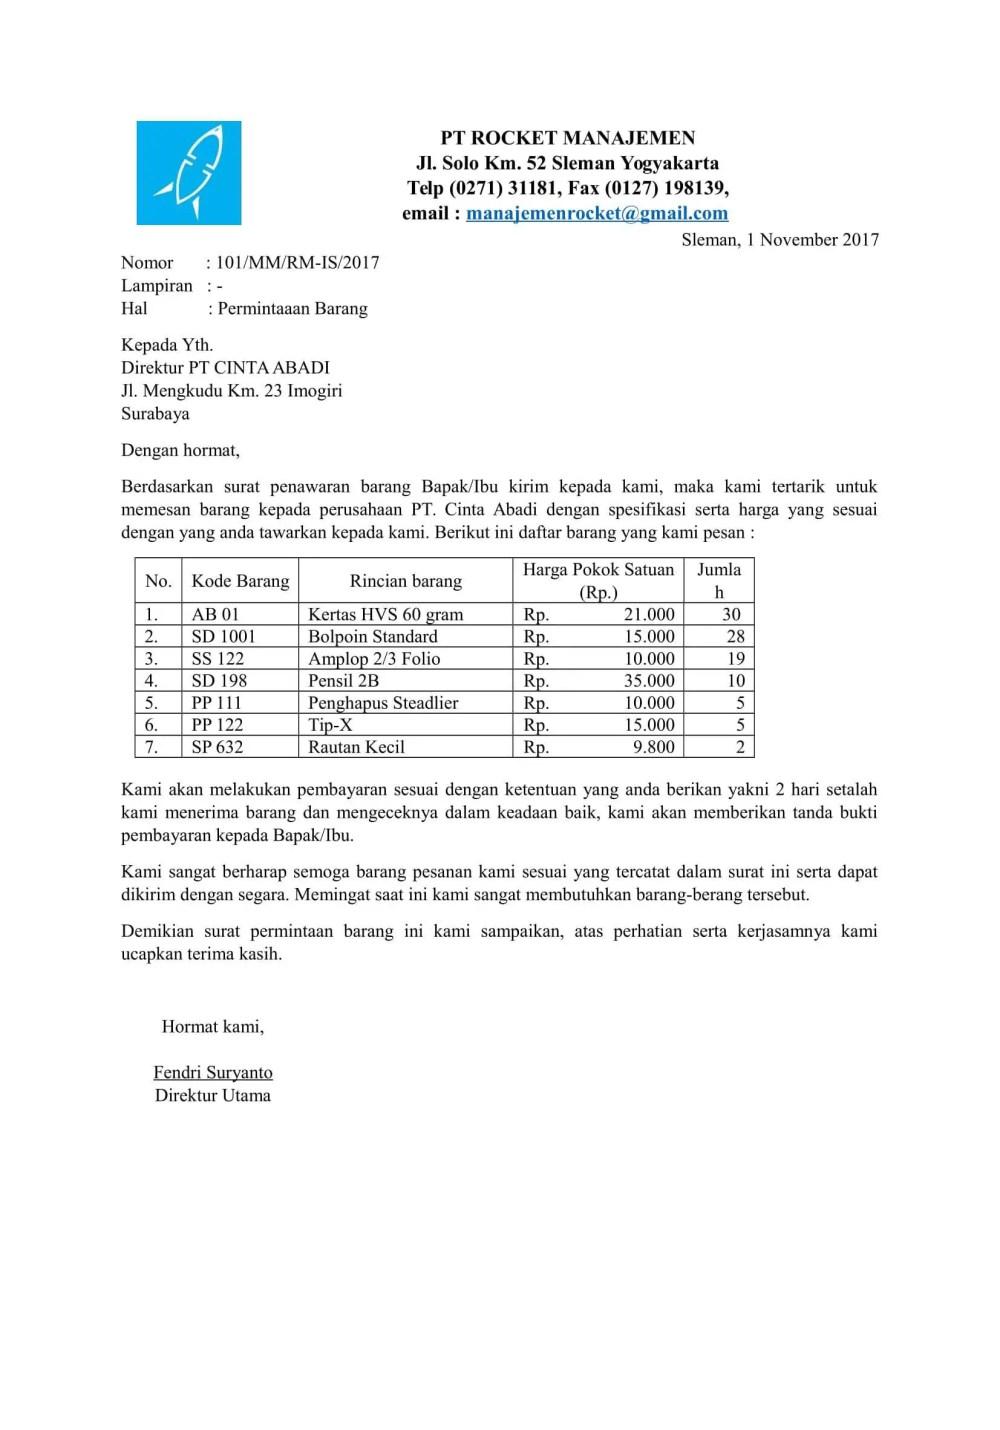 7. Contoh Surat Permintaan Barang Pemerintah